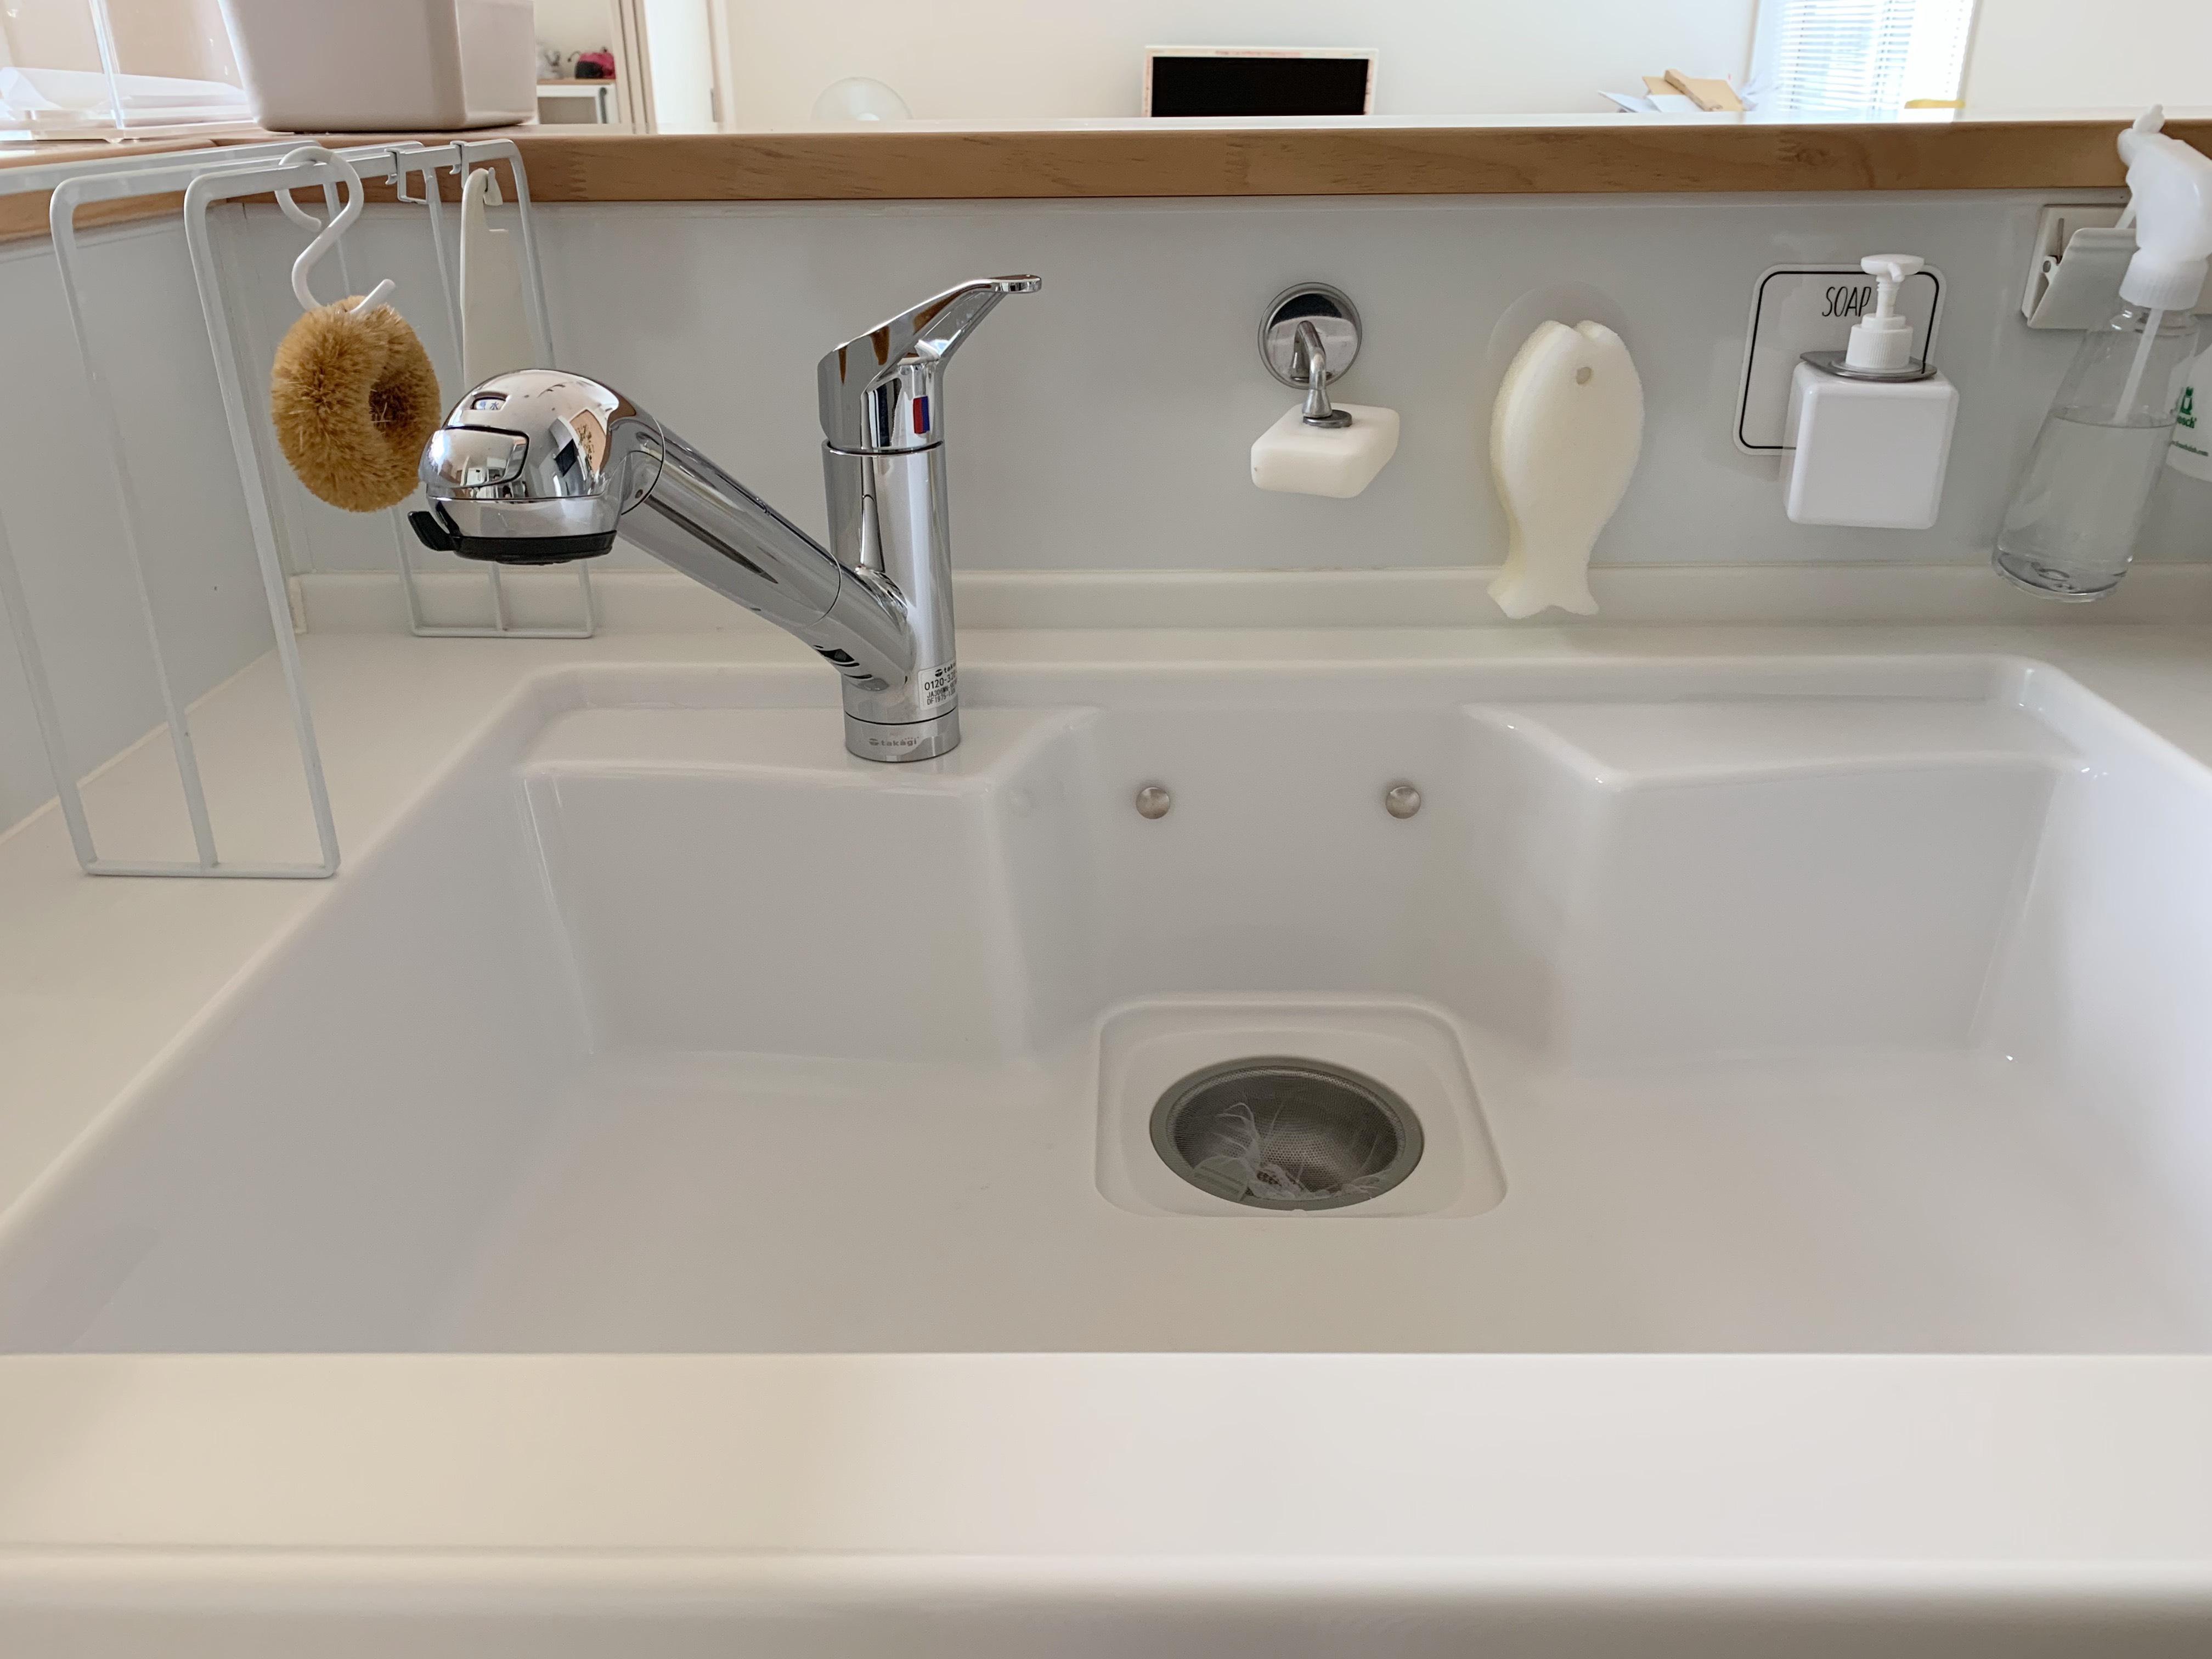 【キッチンシンク収納】白いグッズと吊るす収納で、清潔に使いやすく